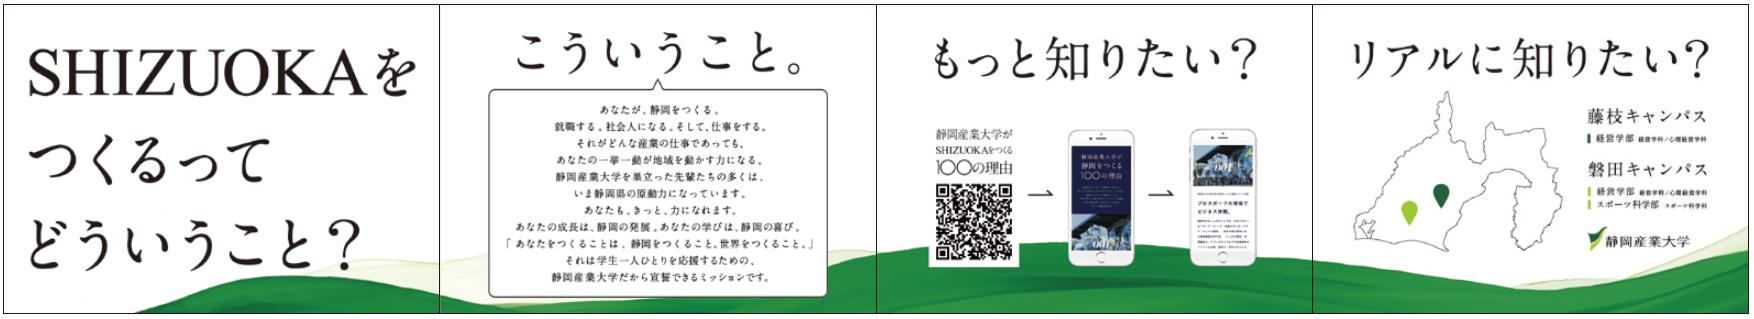 4連イメージ